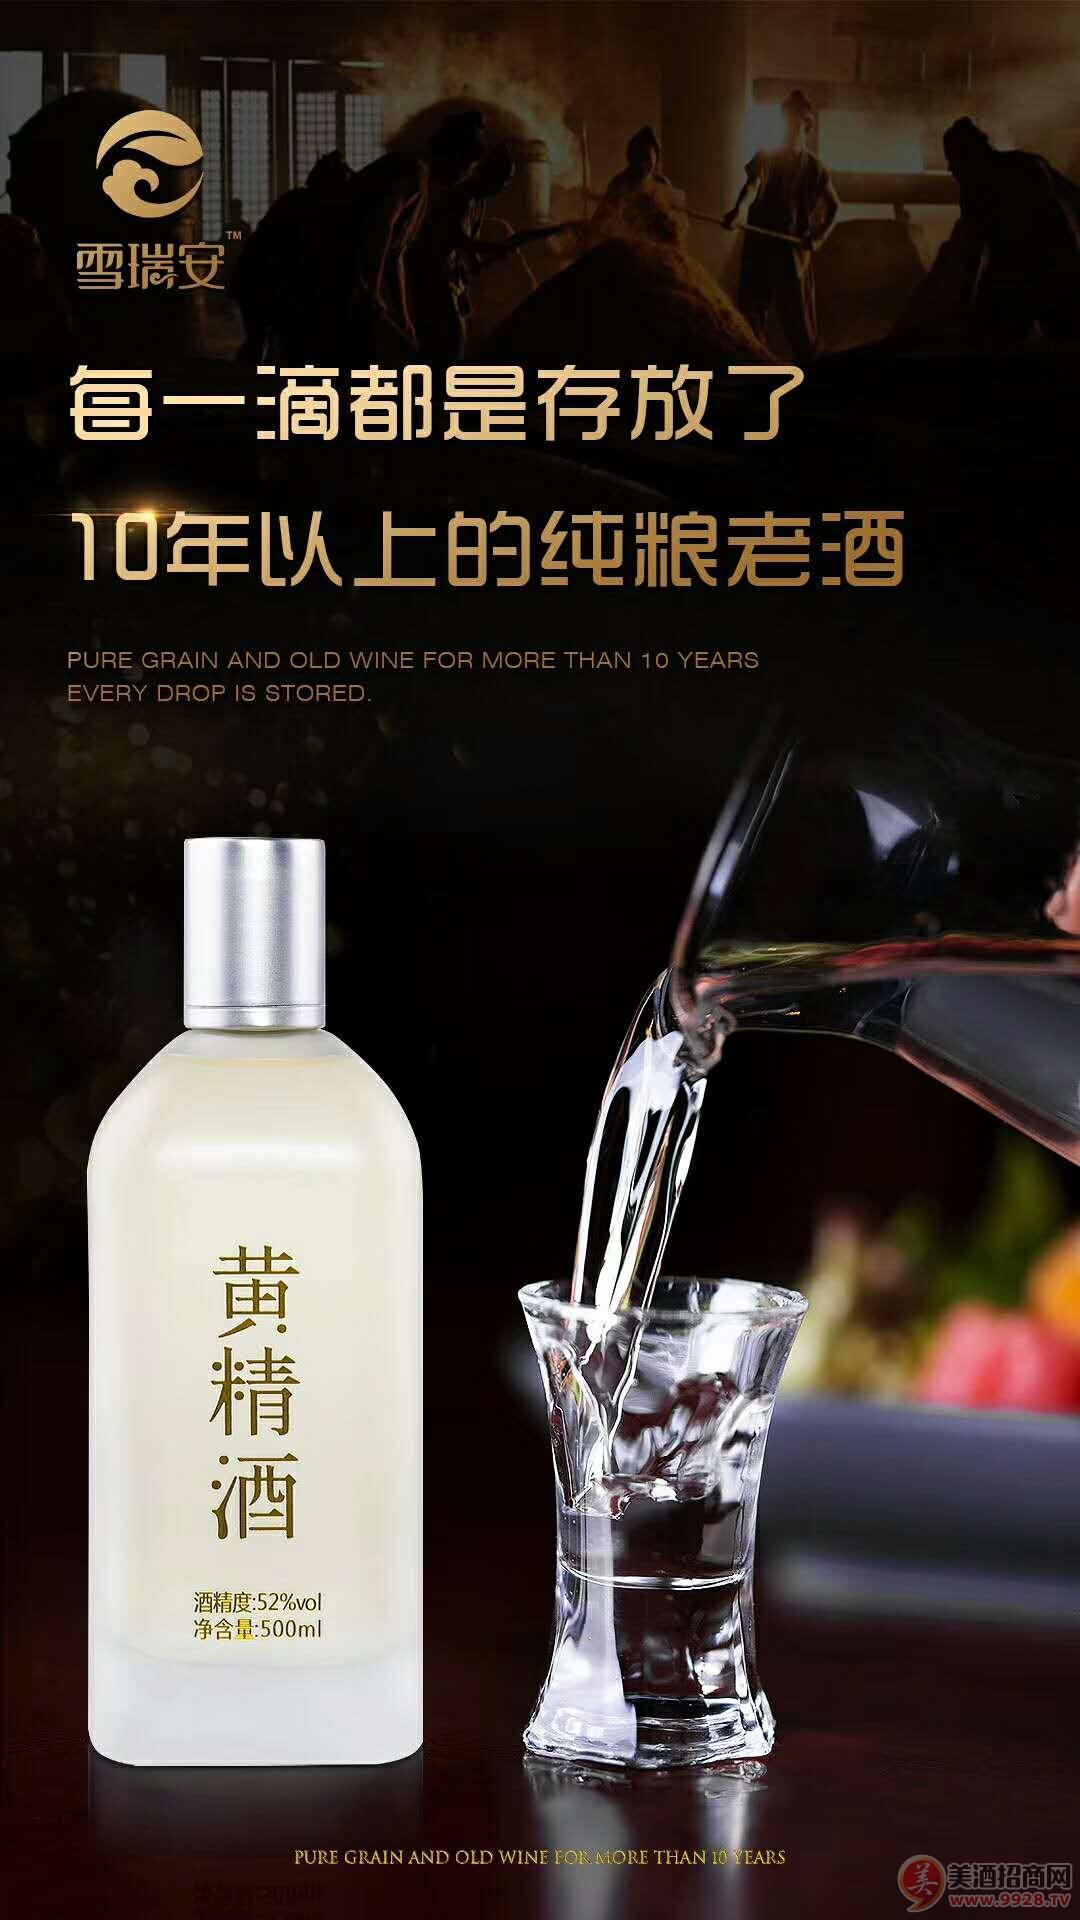 【发现美酒】黄精酒怎么代理?黄精酒怎么加盟?